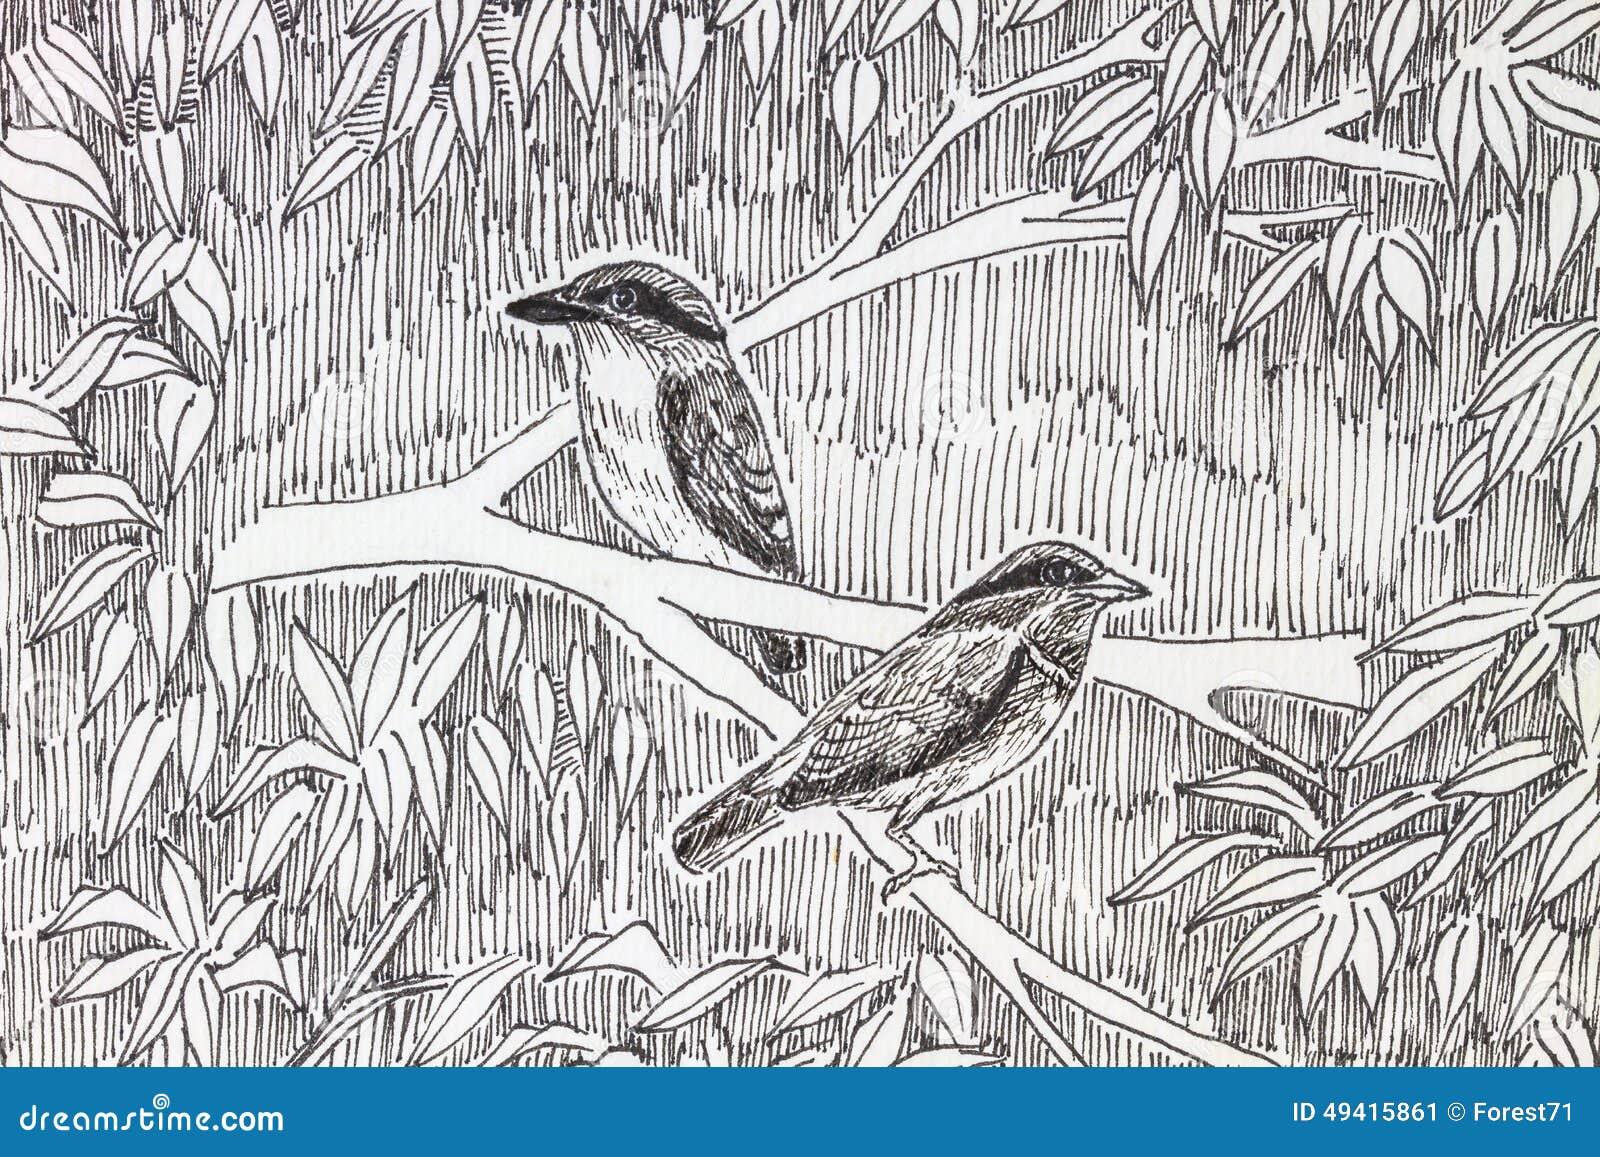 Download Vogelzeichnung stockbild. Bild von auslegung, nave, zeile - 49415861